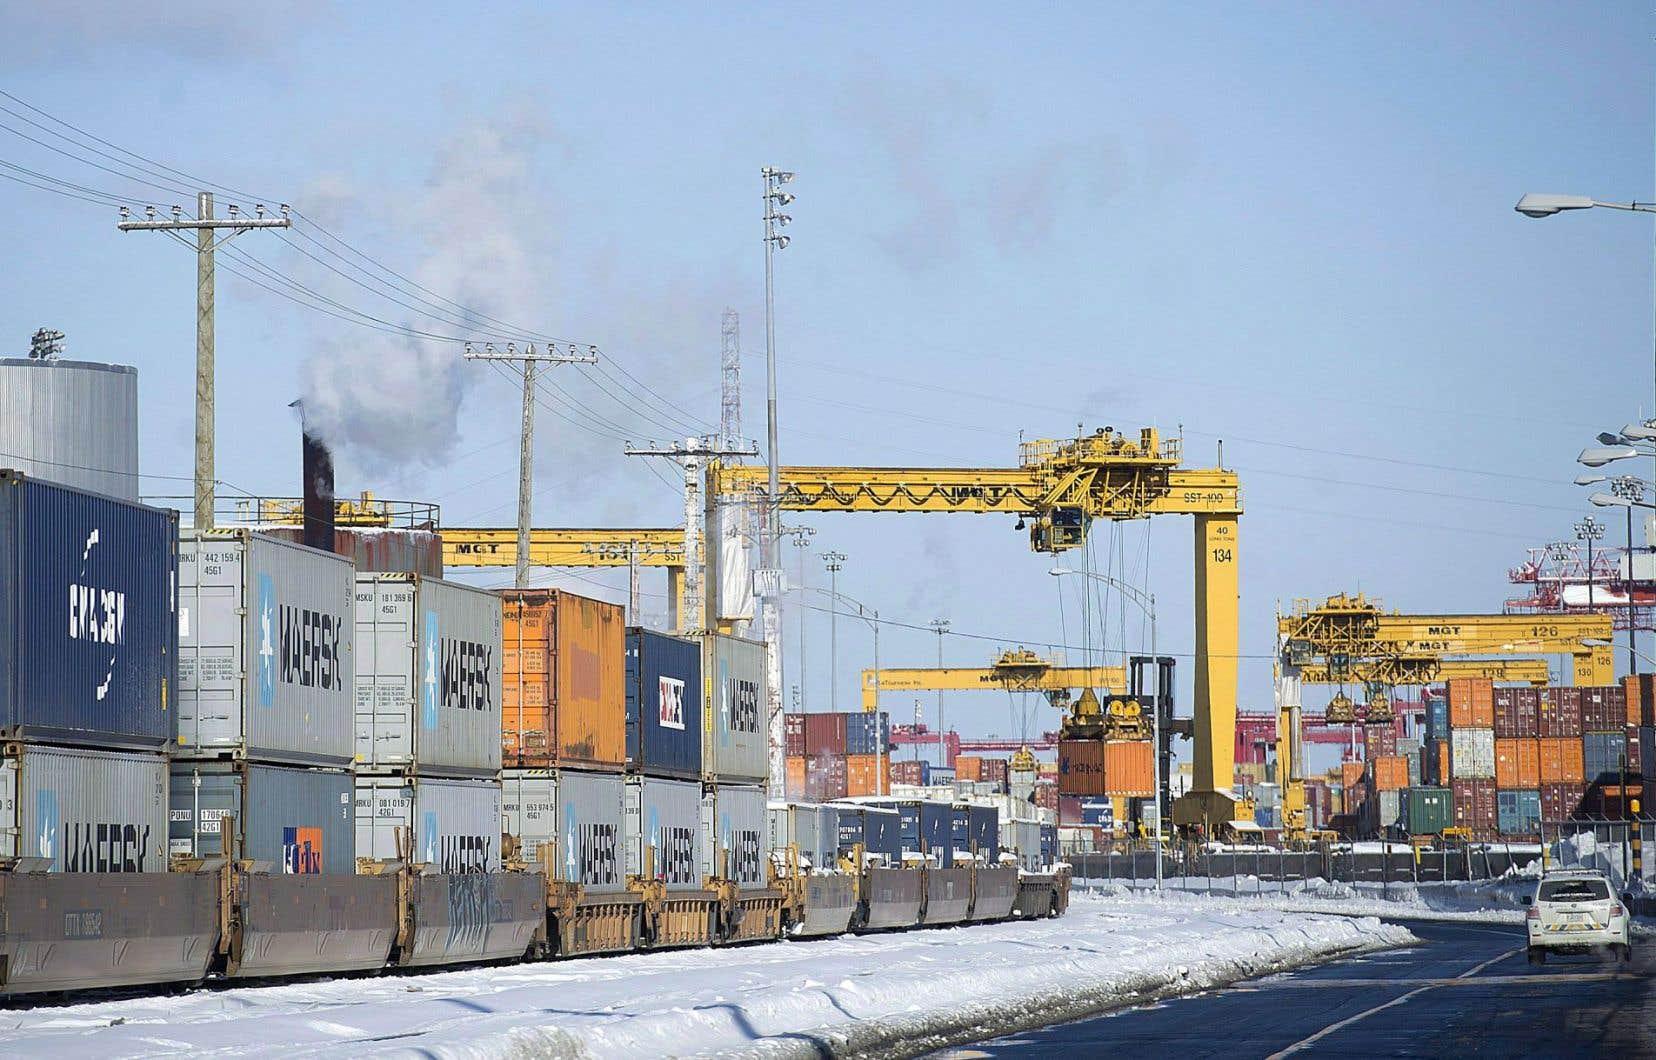 Dans le port de Montréal, des conteneurs attendent d'être dirigés vers leur destination finale. En janvier, les exportations du Canada vers les États-Unis ont augmenté, mais elles ont diminué vers les autres pays.